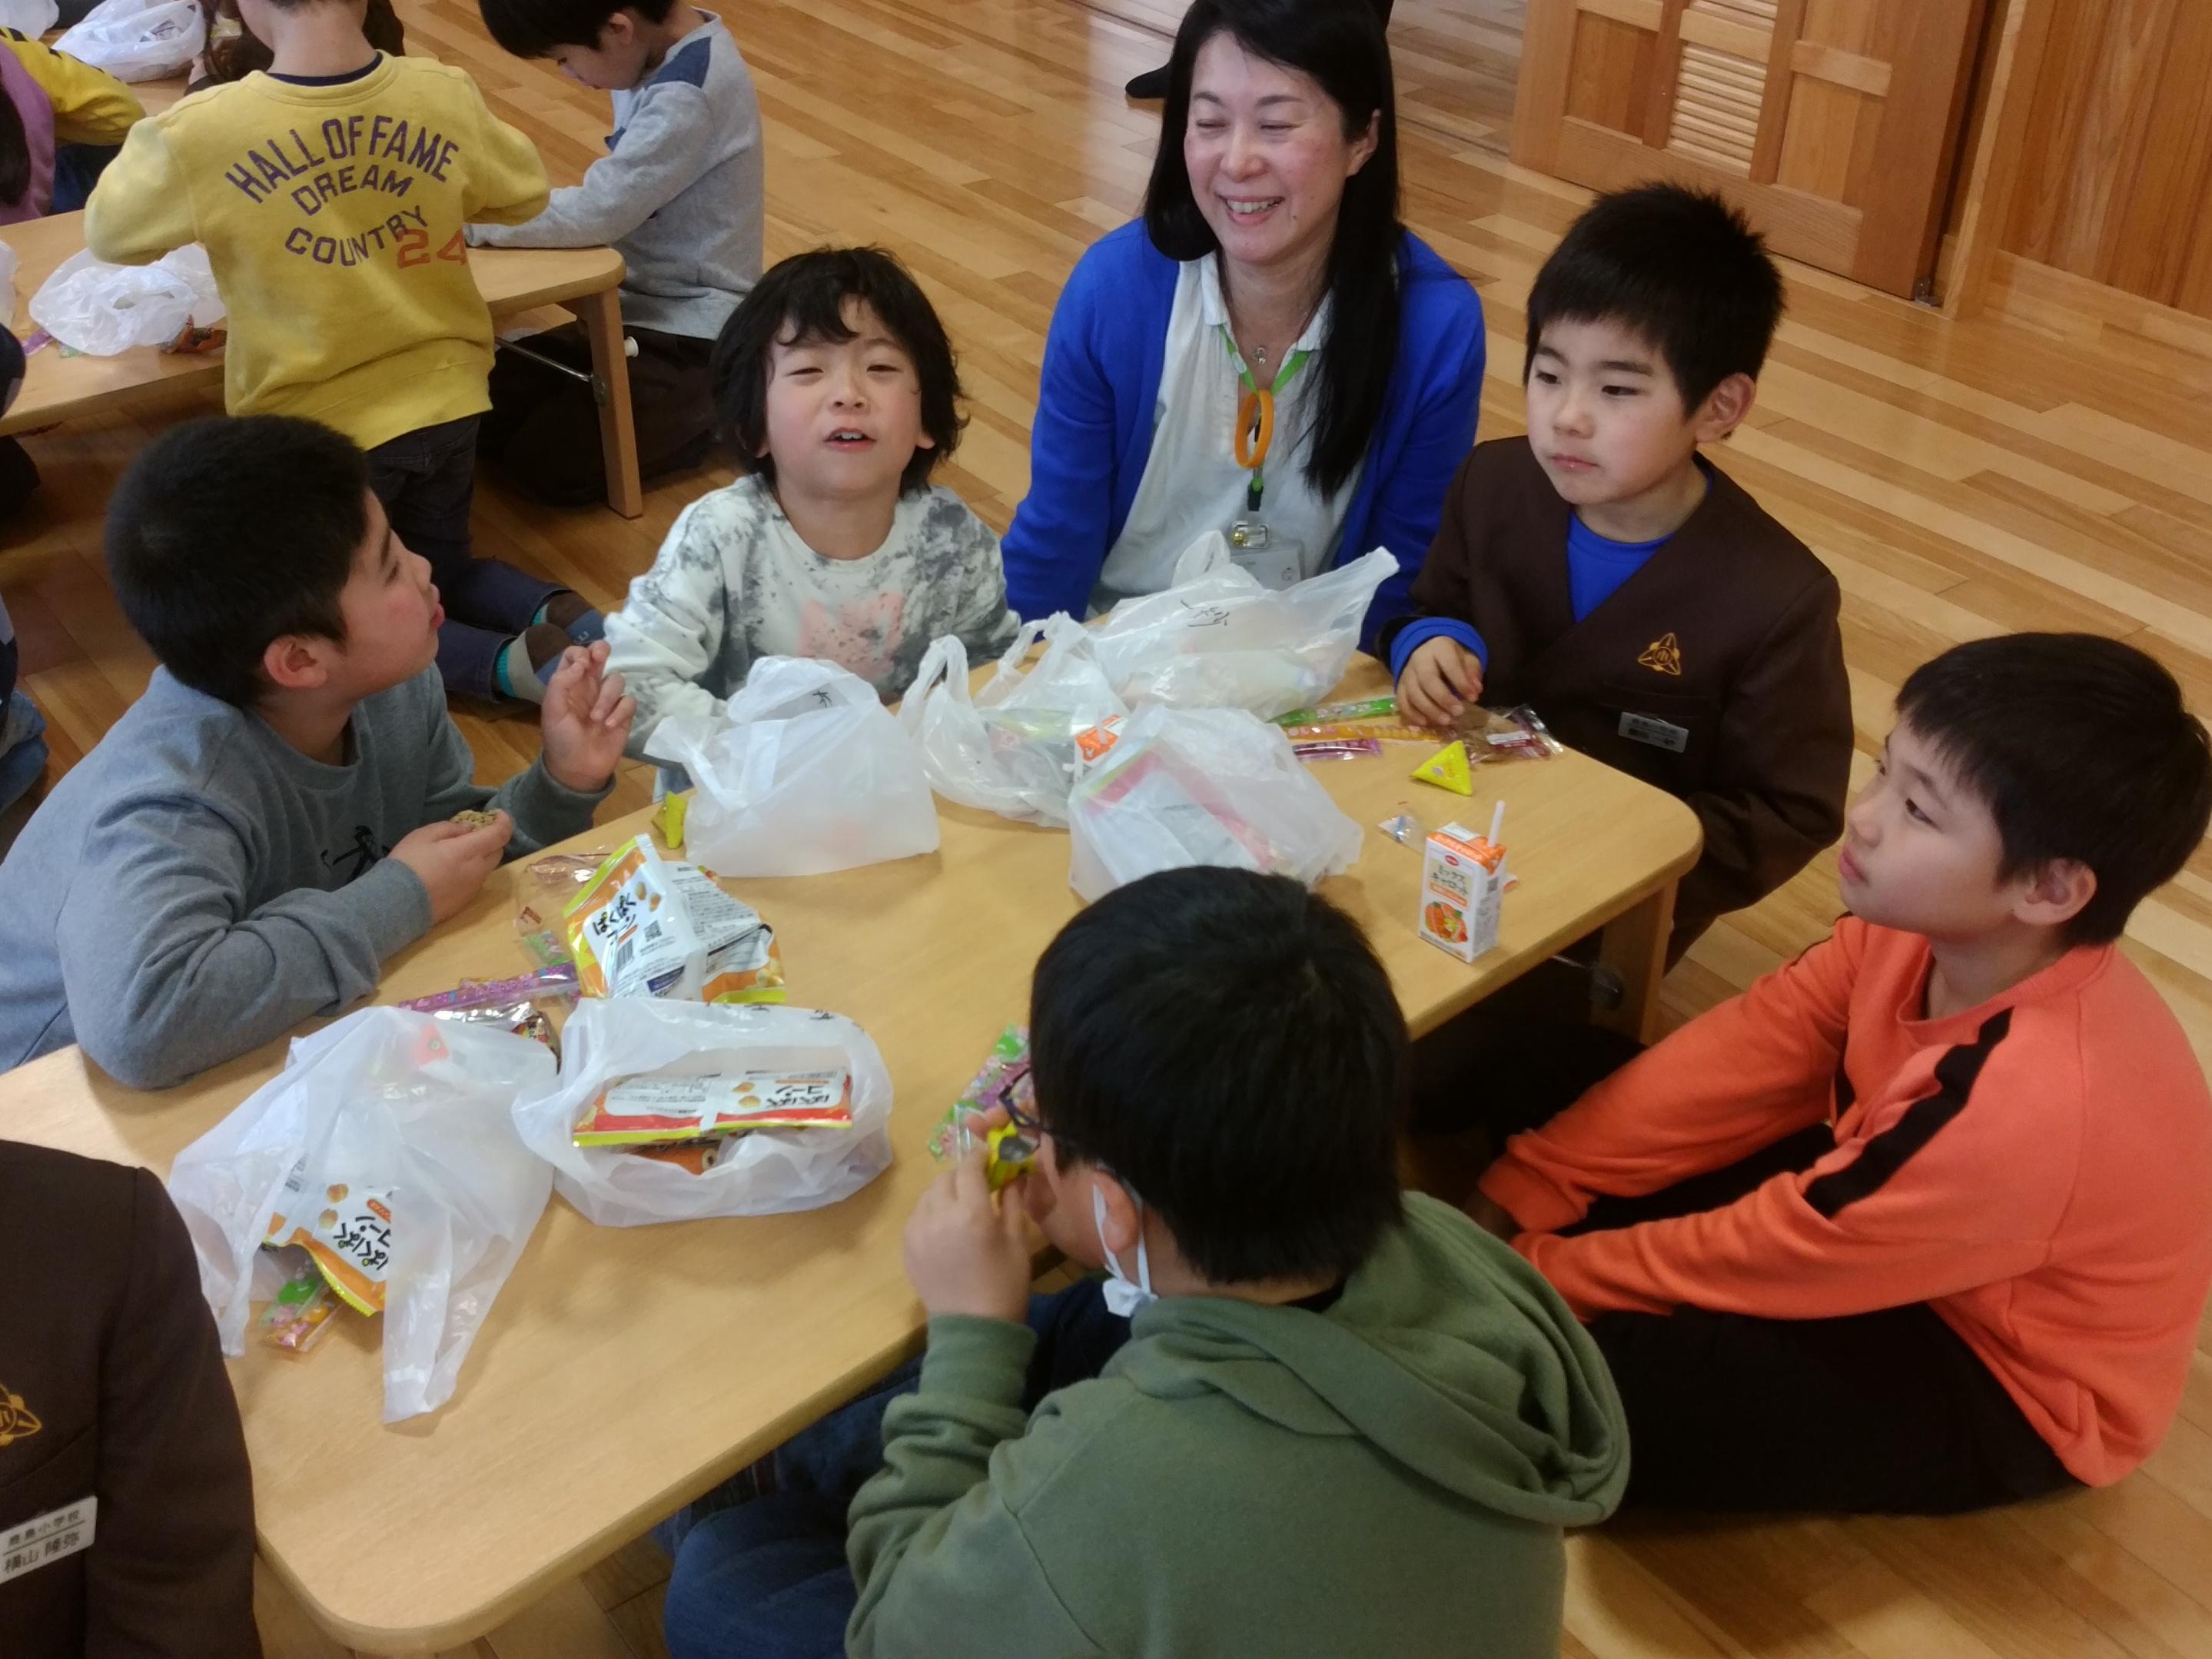 東日本大震災復興支援「南相馬の子どもたちへコープのおやつを届けてきました」